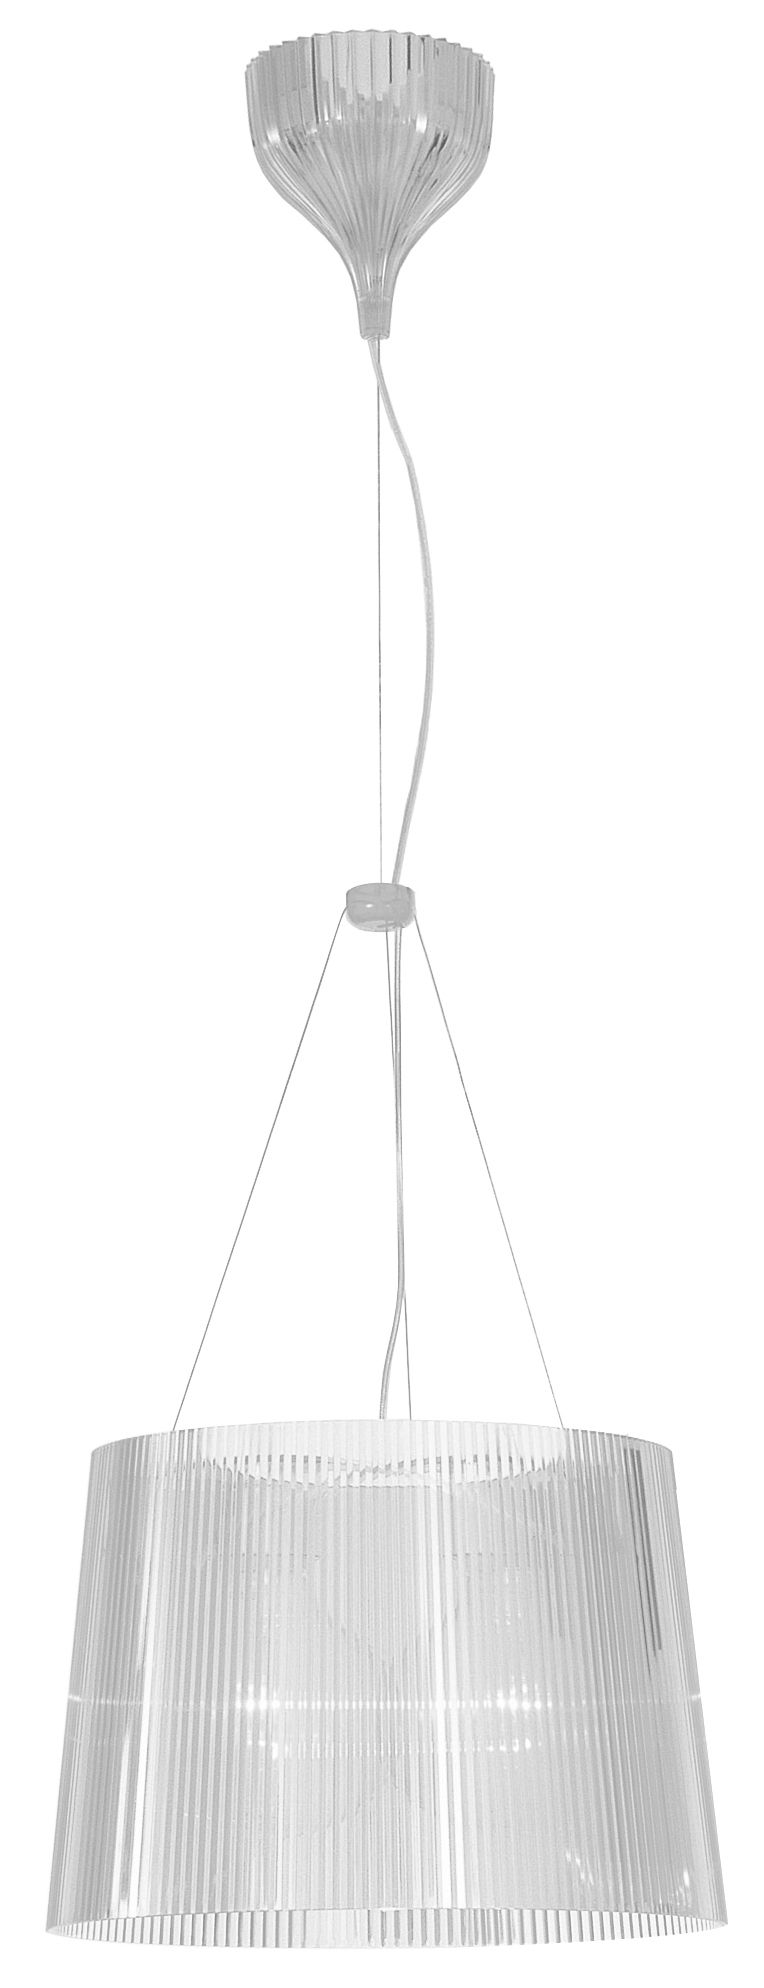 Luminaire - Suspensions - Suspension Gé - Kartell - Cristal - Polycarbonate